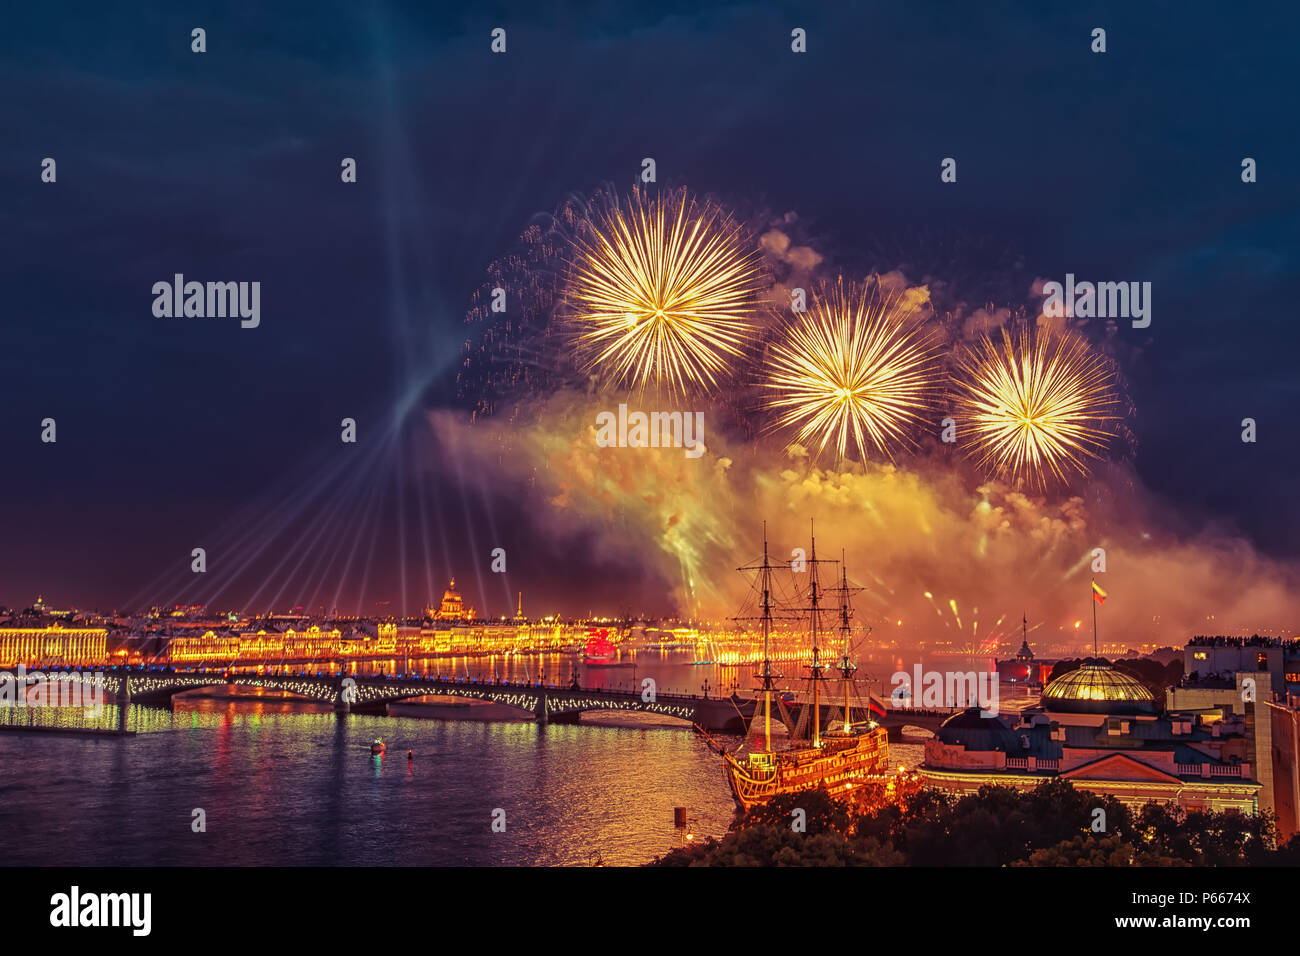 D'artifice festif à Saint-Pétersbourg. Voiles écarlates célébration à St Petersbourg. Photo Stock